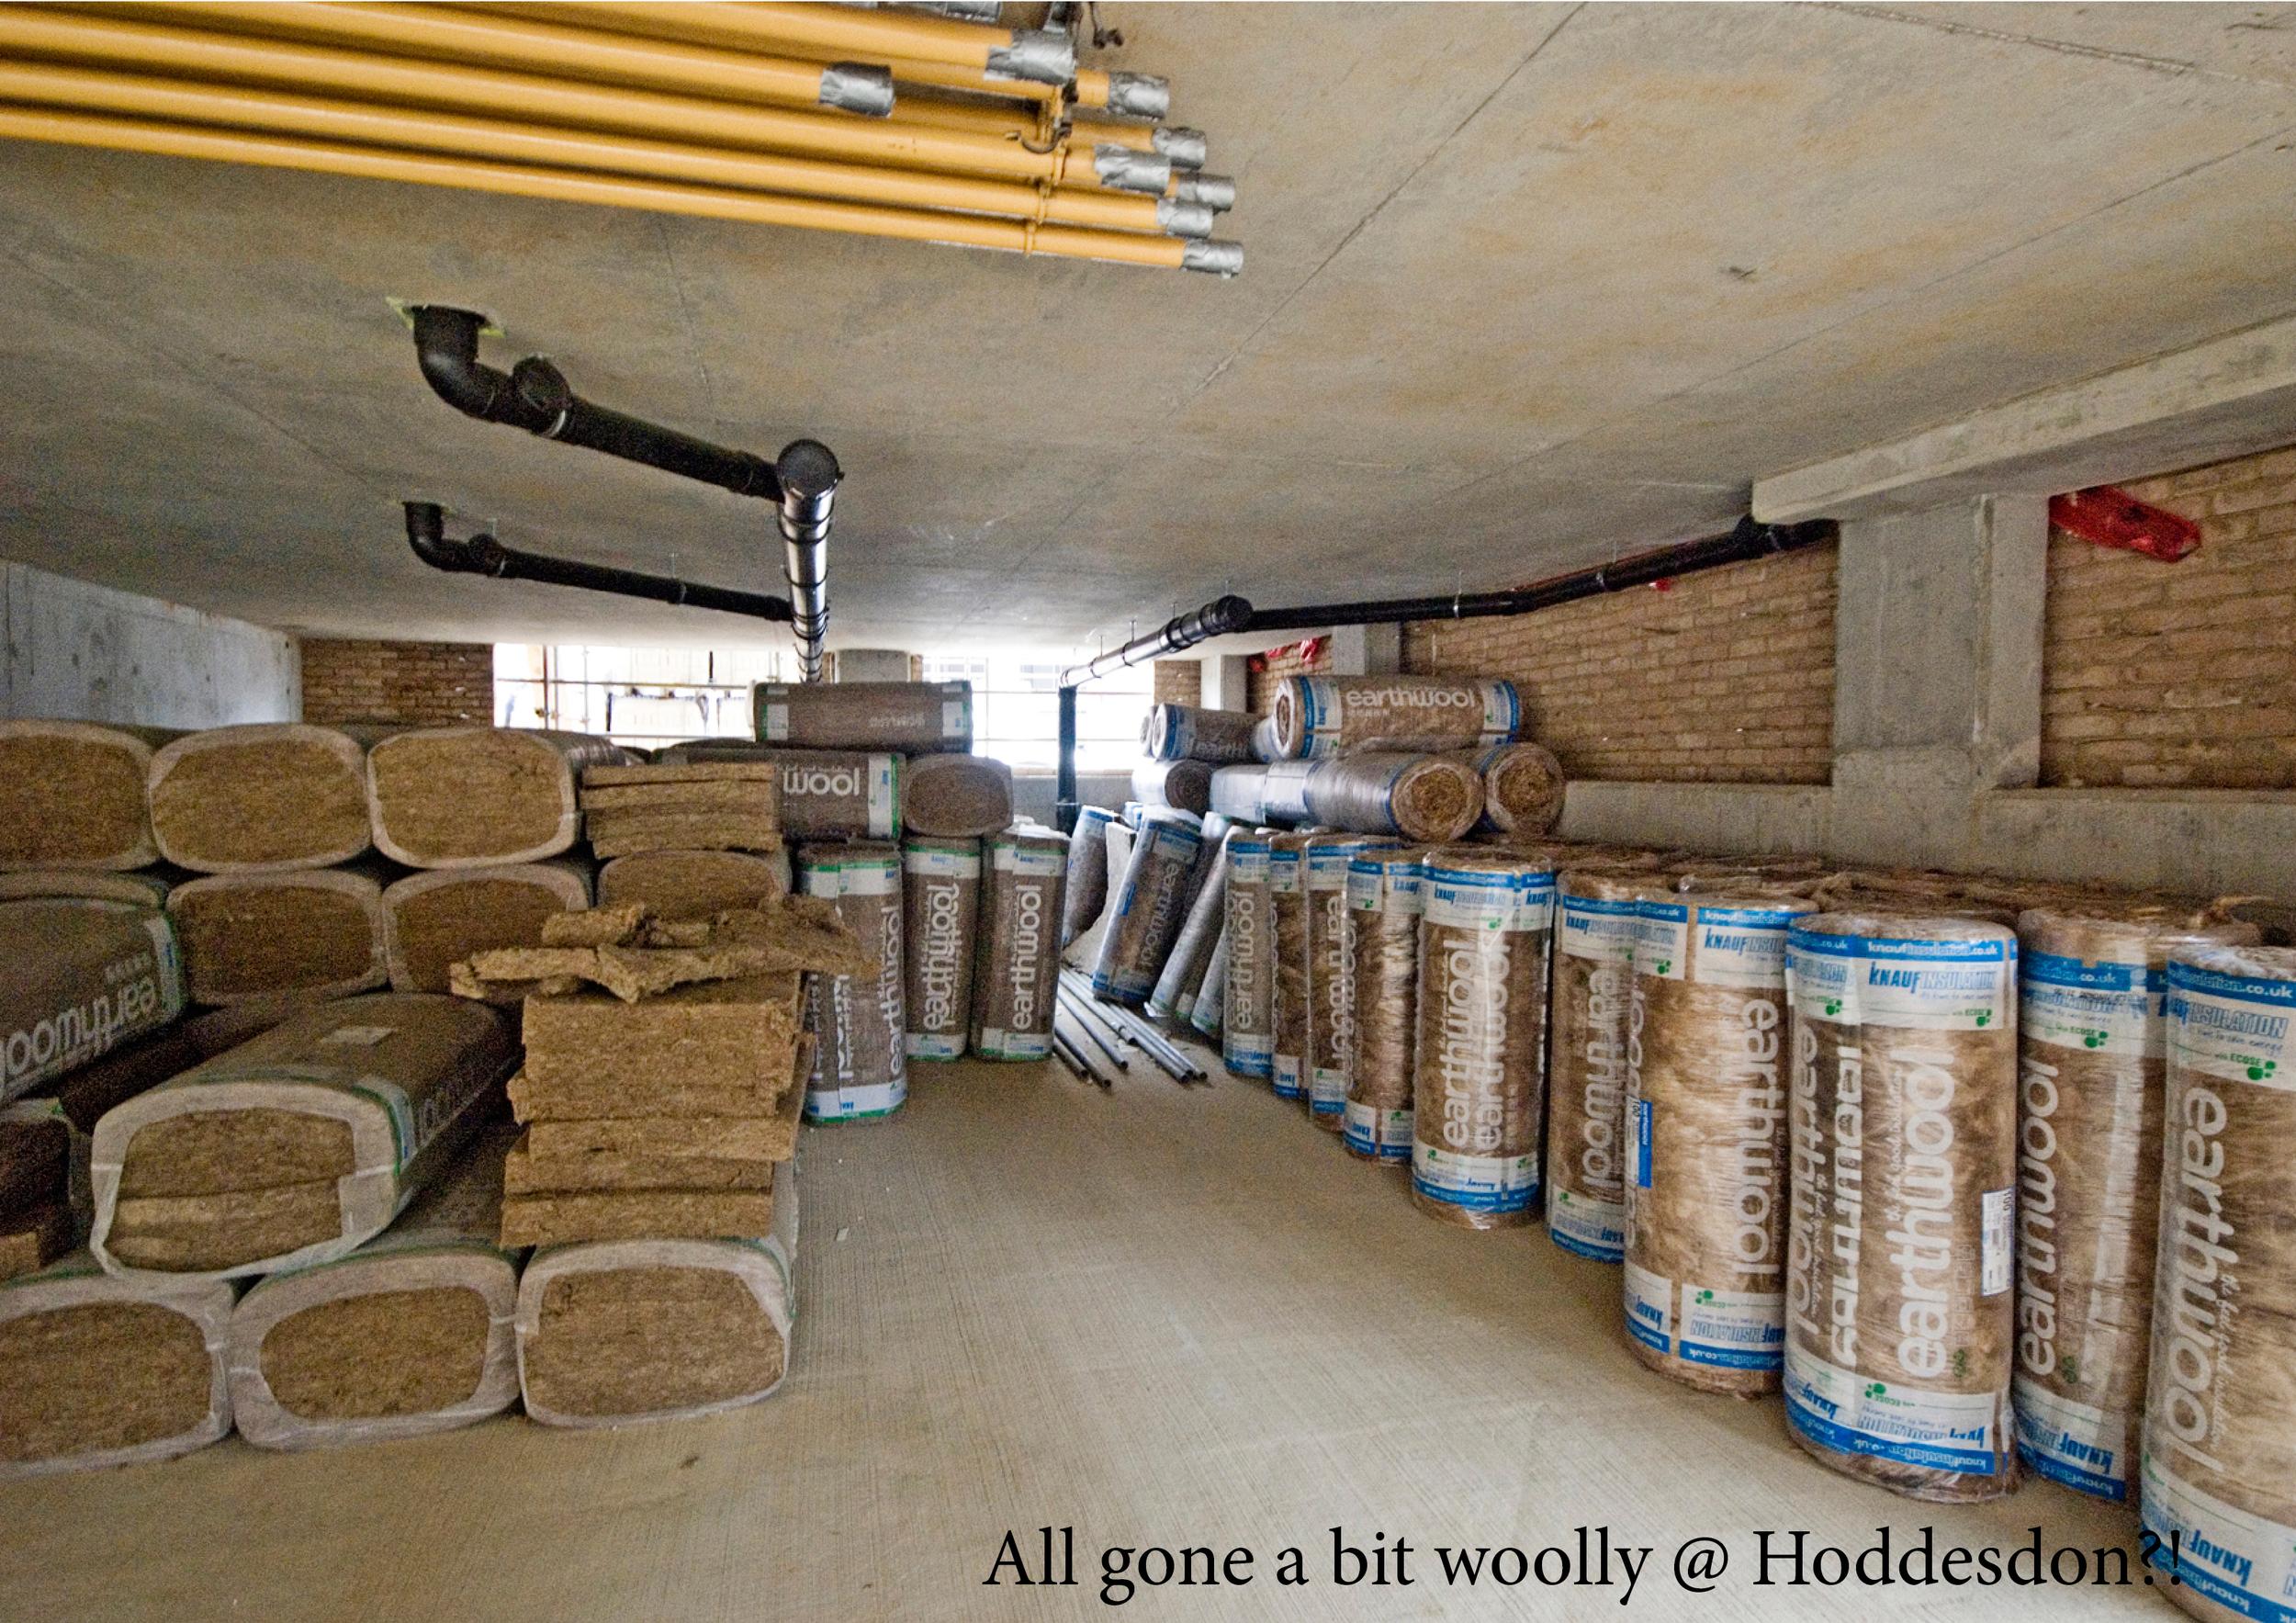 Woolly@Hoddesdon